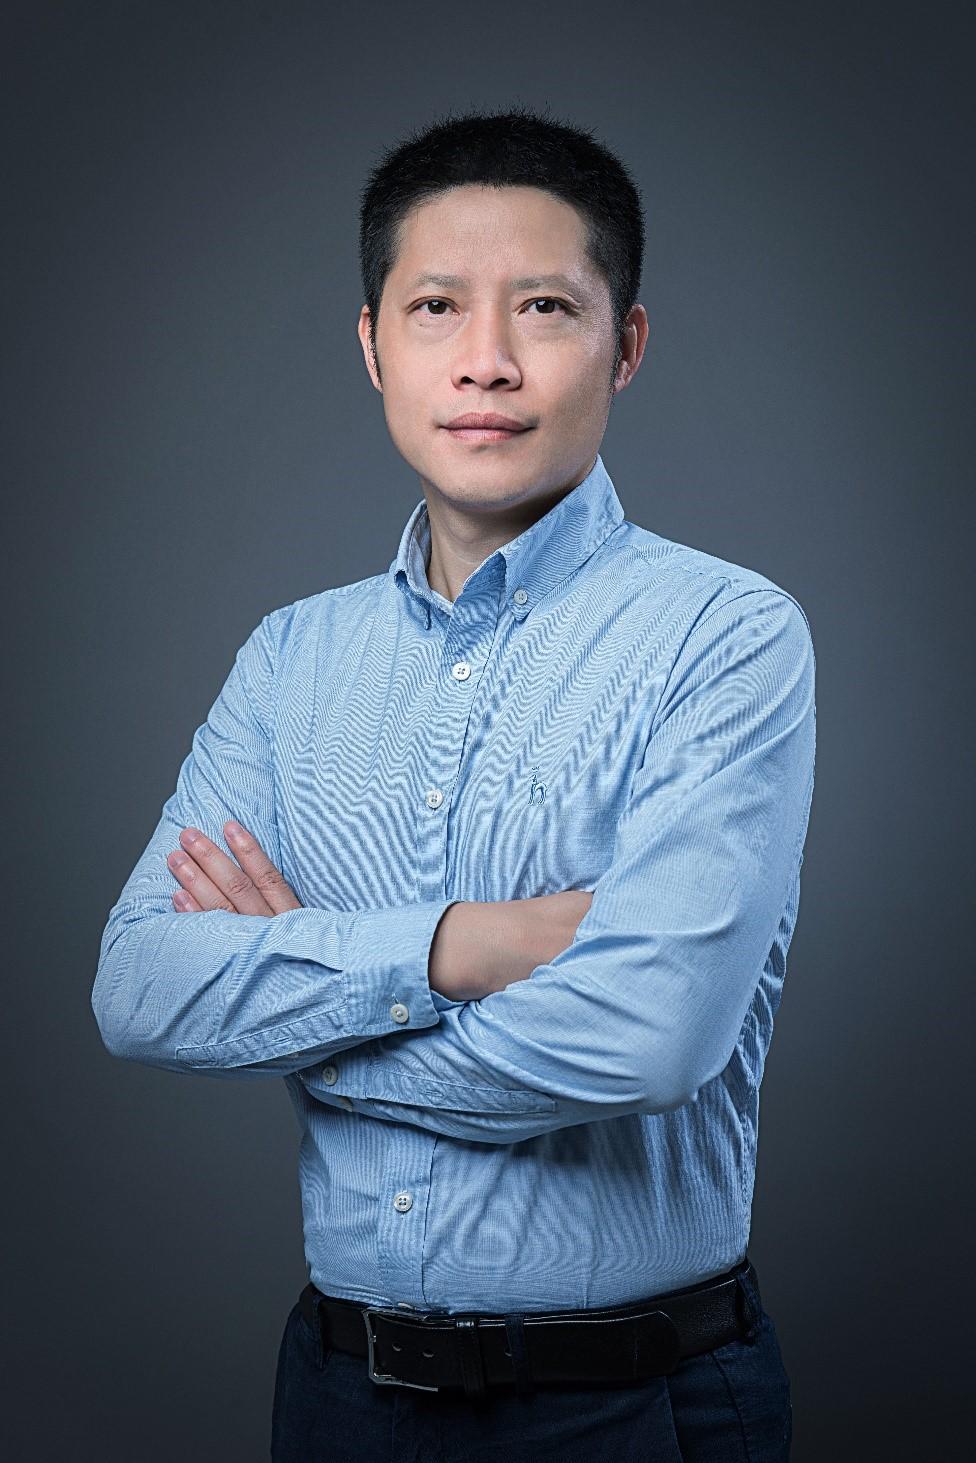 Wang Xinbing